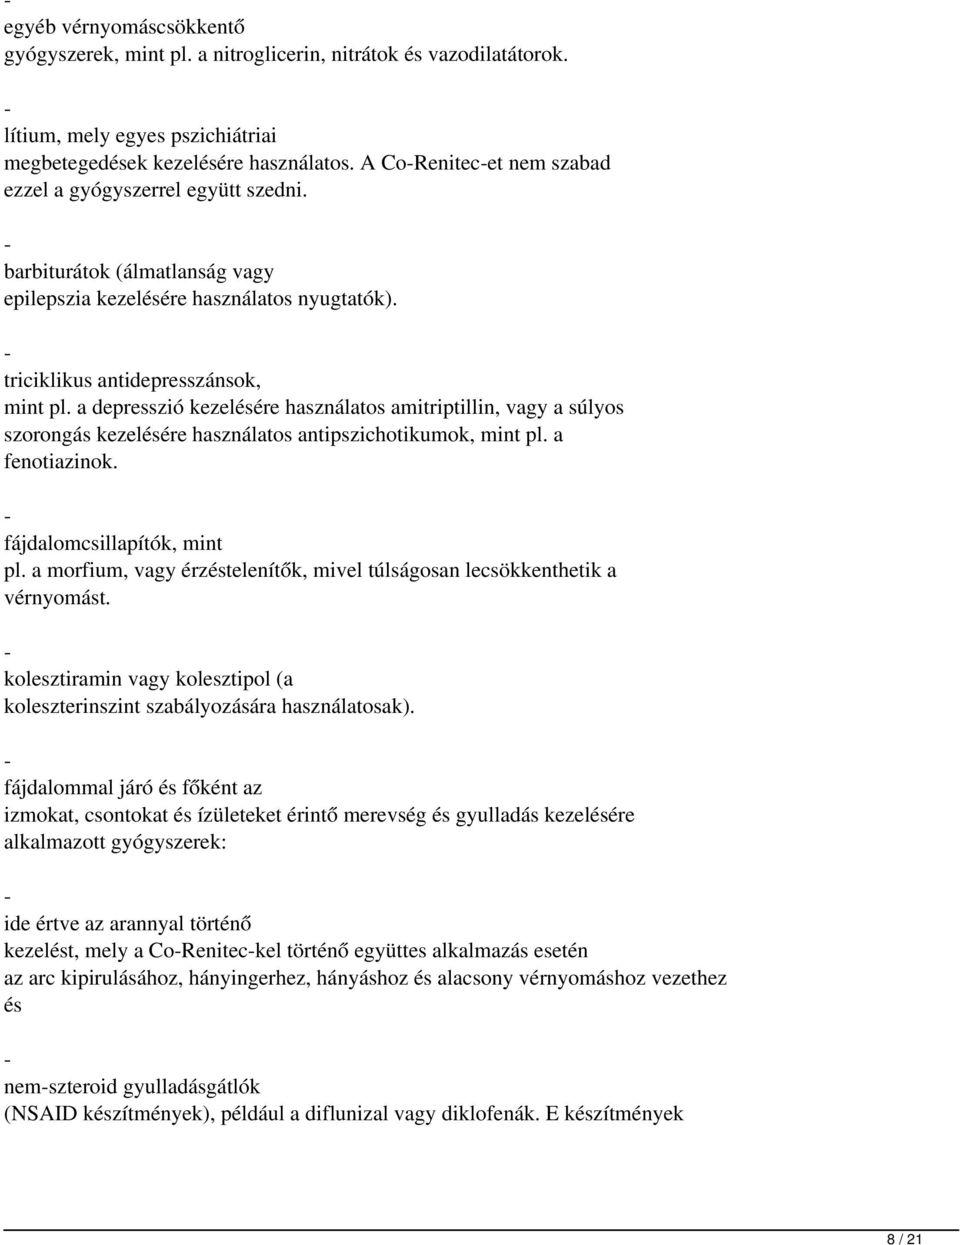 nitroglicerin alkalmazása magas vérnyomás esetén)